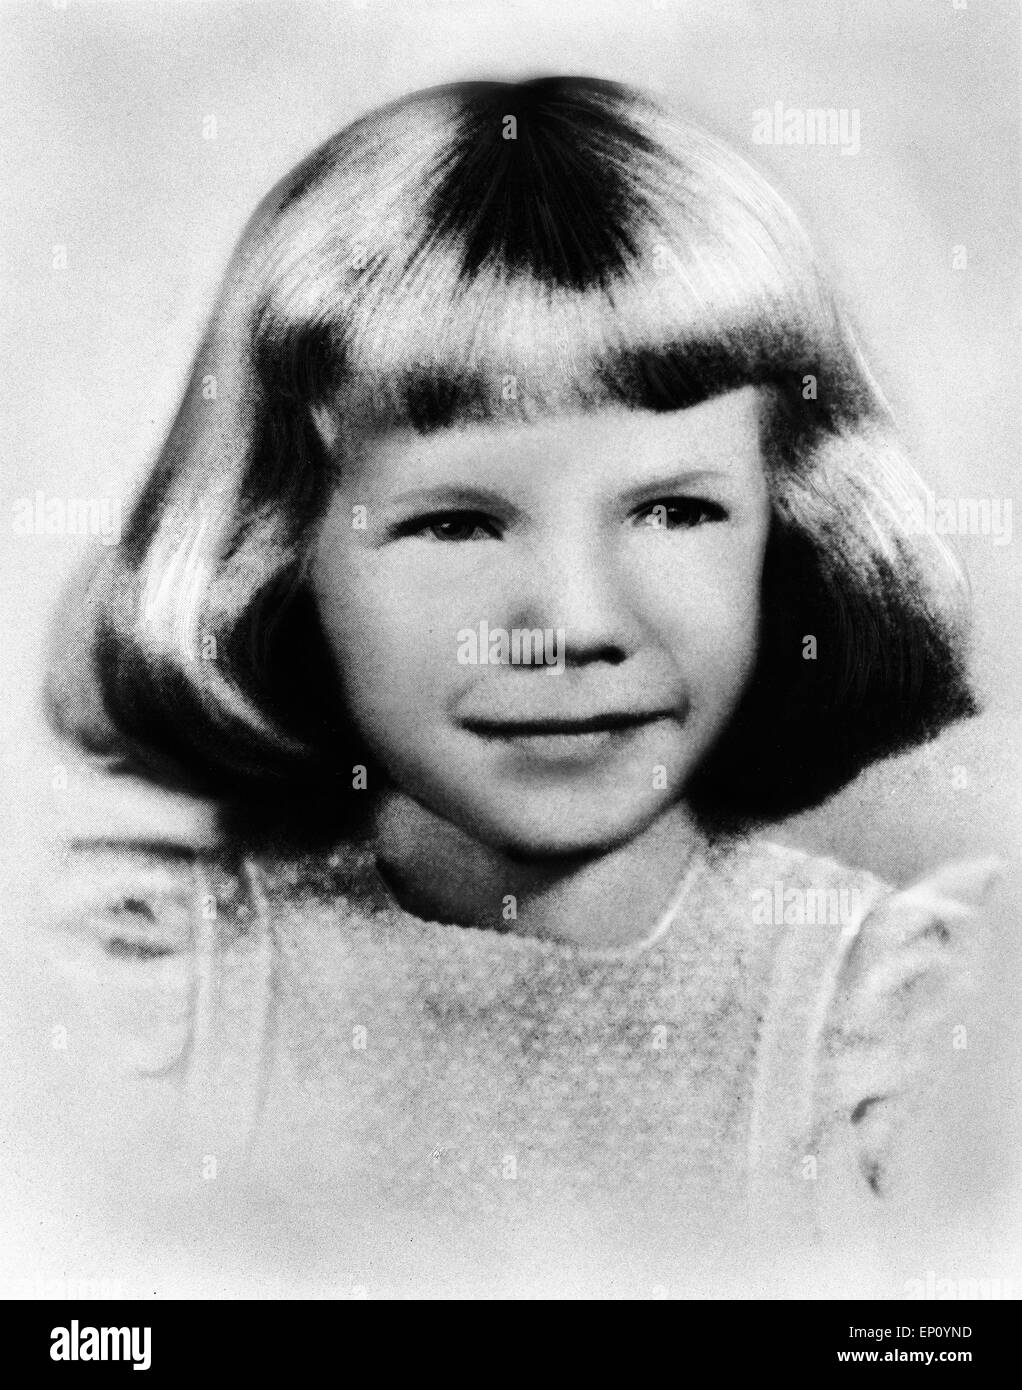 Amerikanische Sngerin Janis Joplin als Kind USA ca 1949